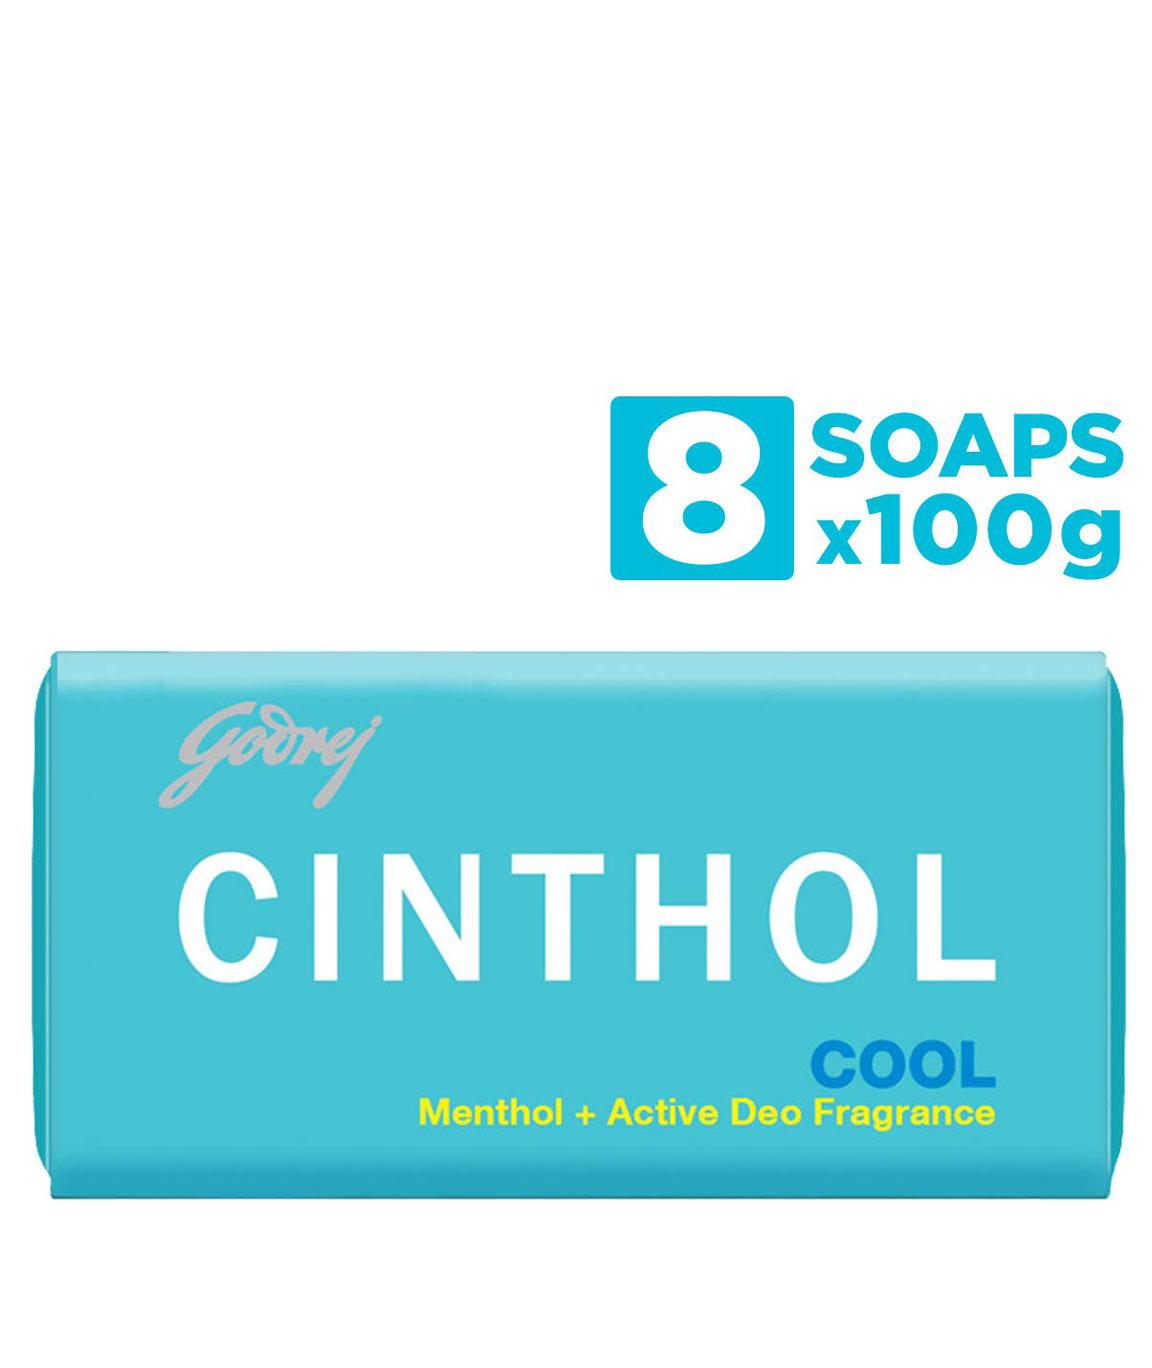 Cinthol Cool Bath Soap, 100g (Pack of 8)